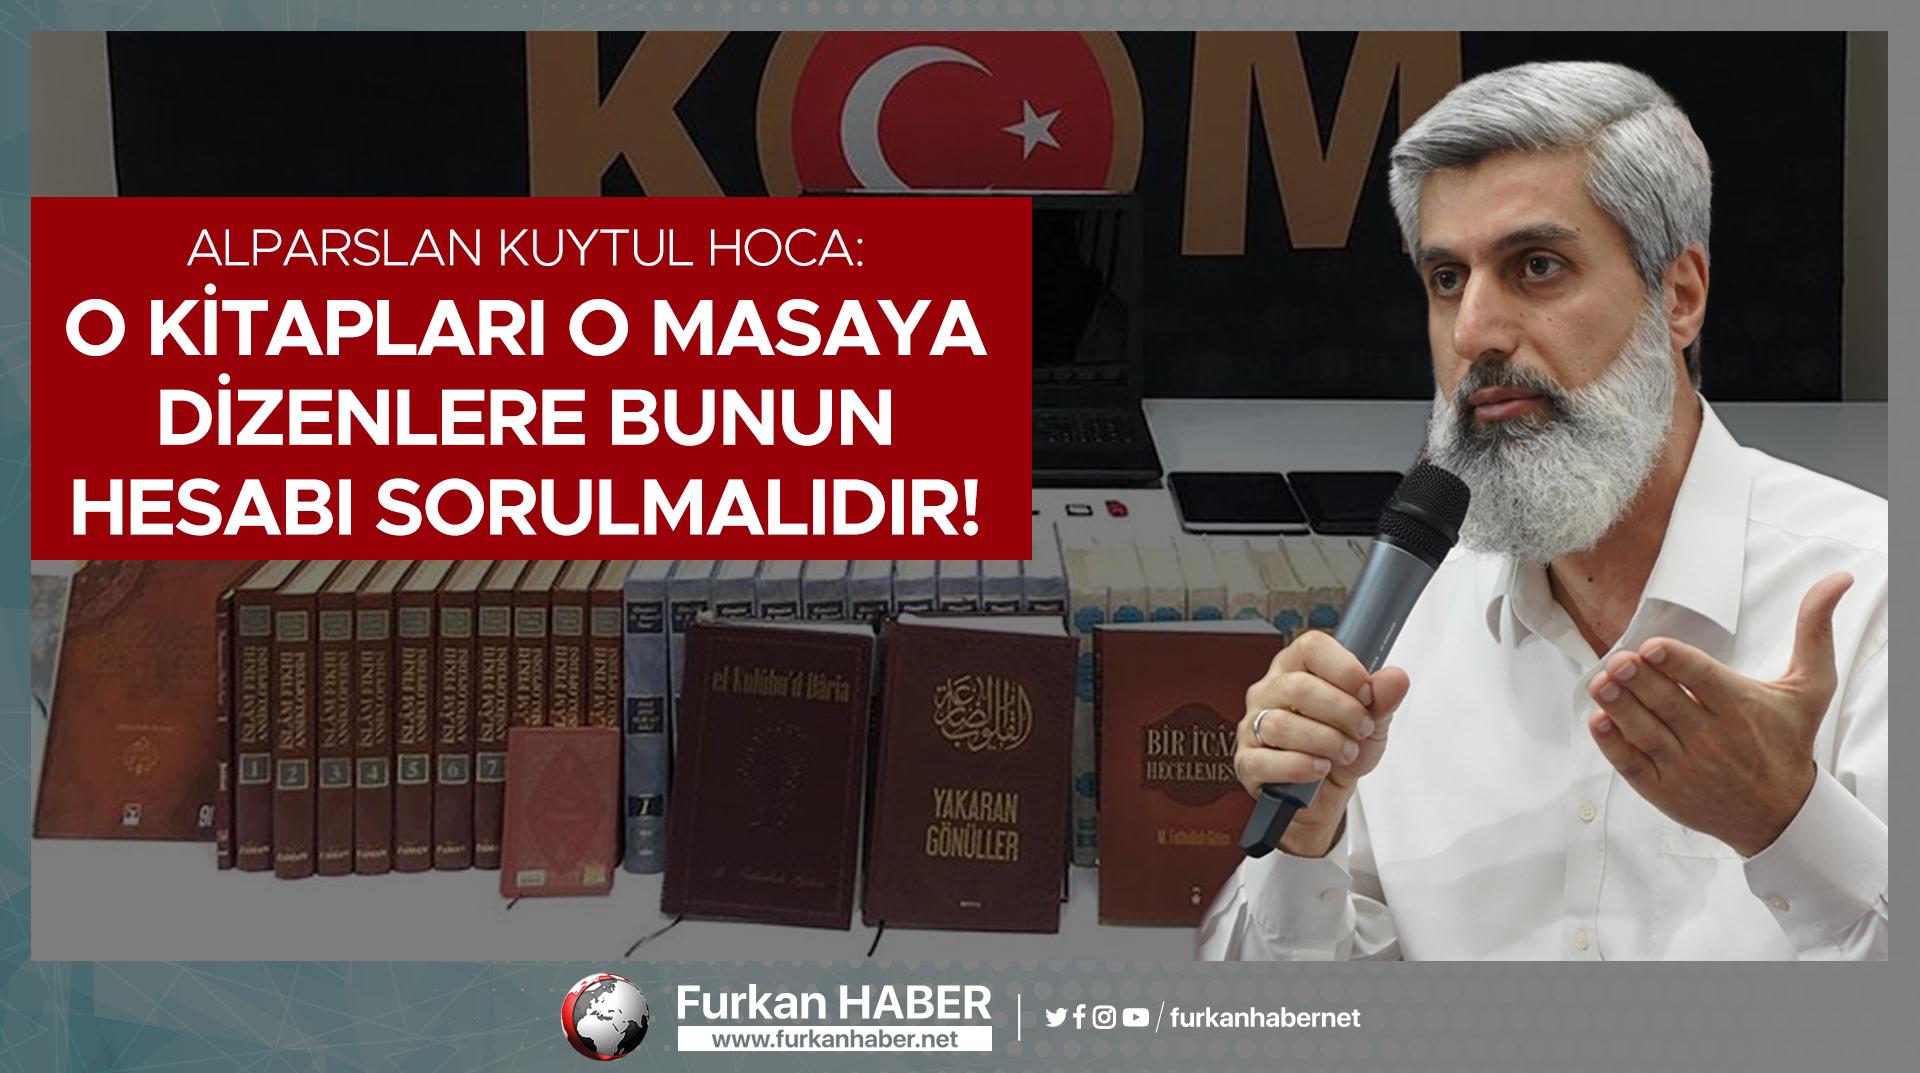 Alparslan Hoca, İslami Kitapların Suç Aleti Olarak Sergilenmesi Hakkında Konuştu